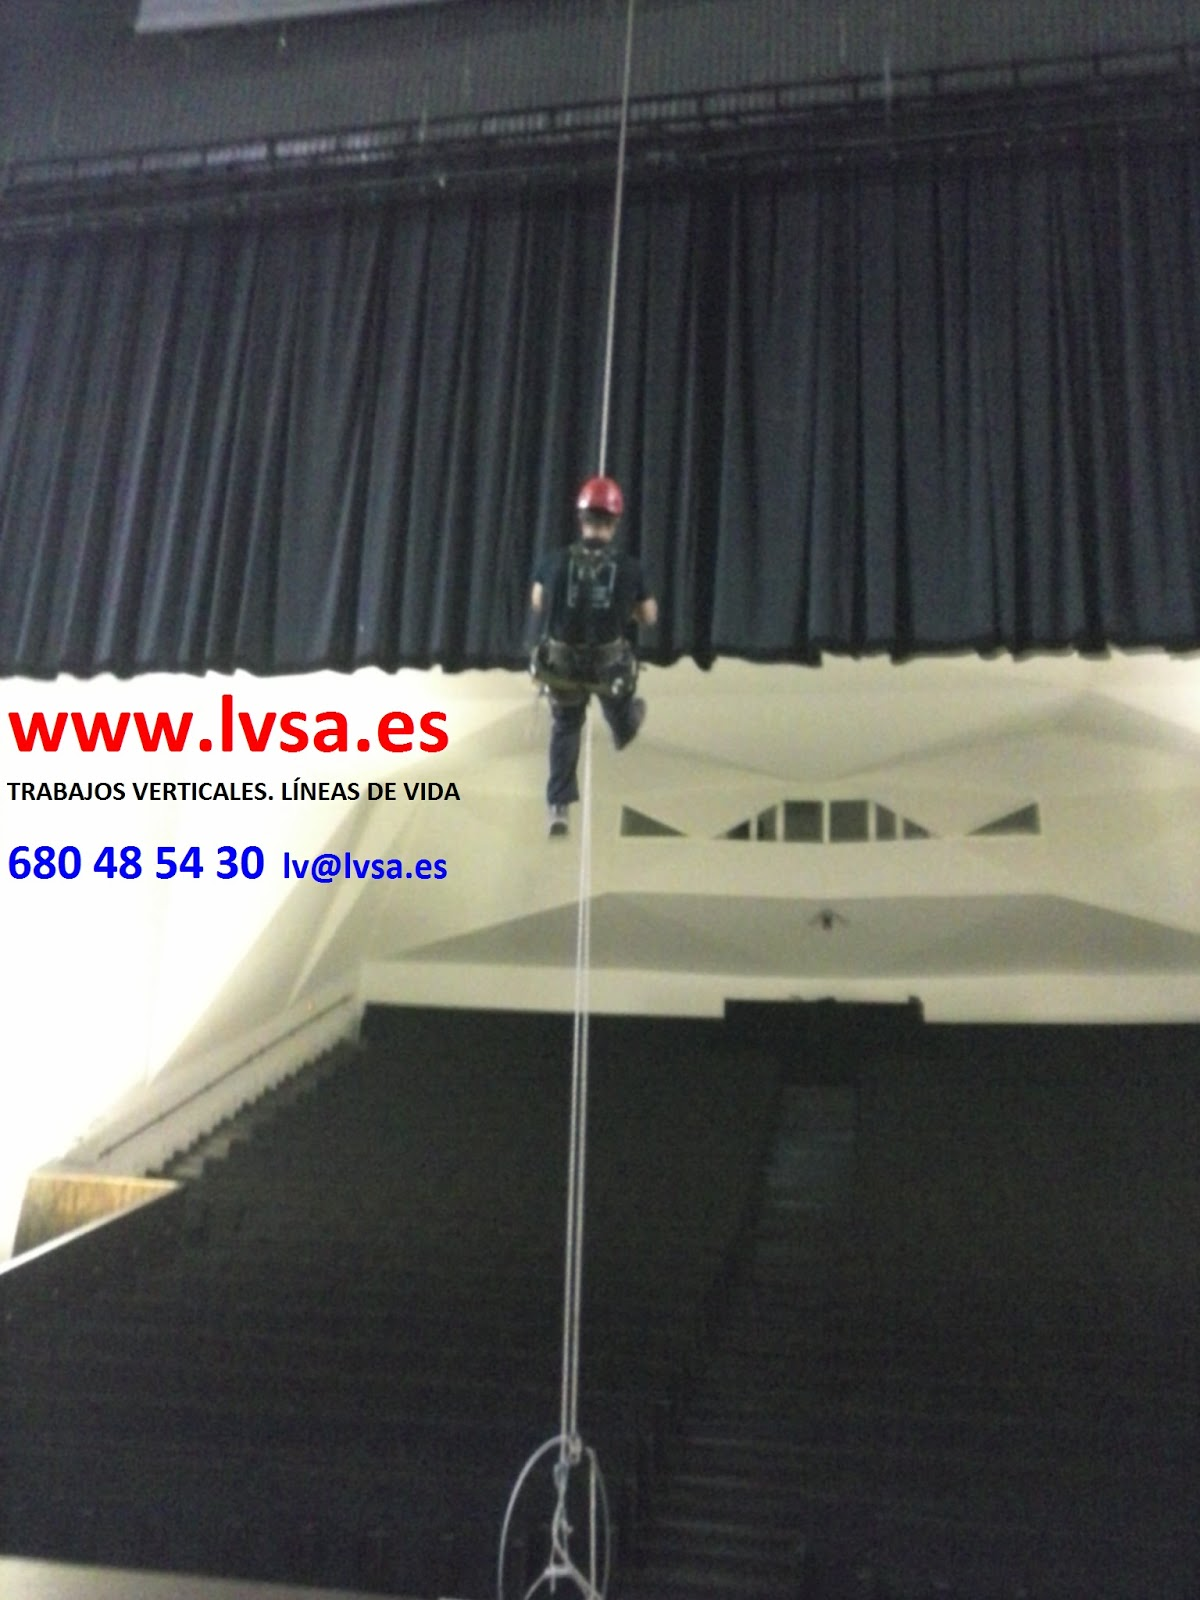 Instalaci n de l neas de vida en el teatro de torrevieja - Trabajos verticales en alicante ...